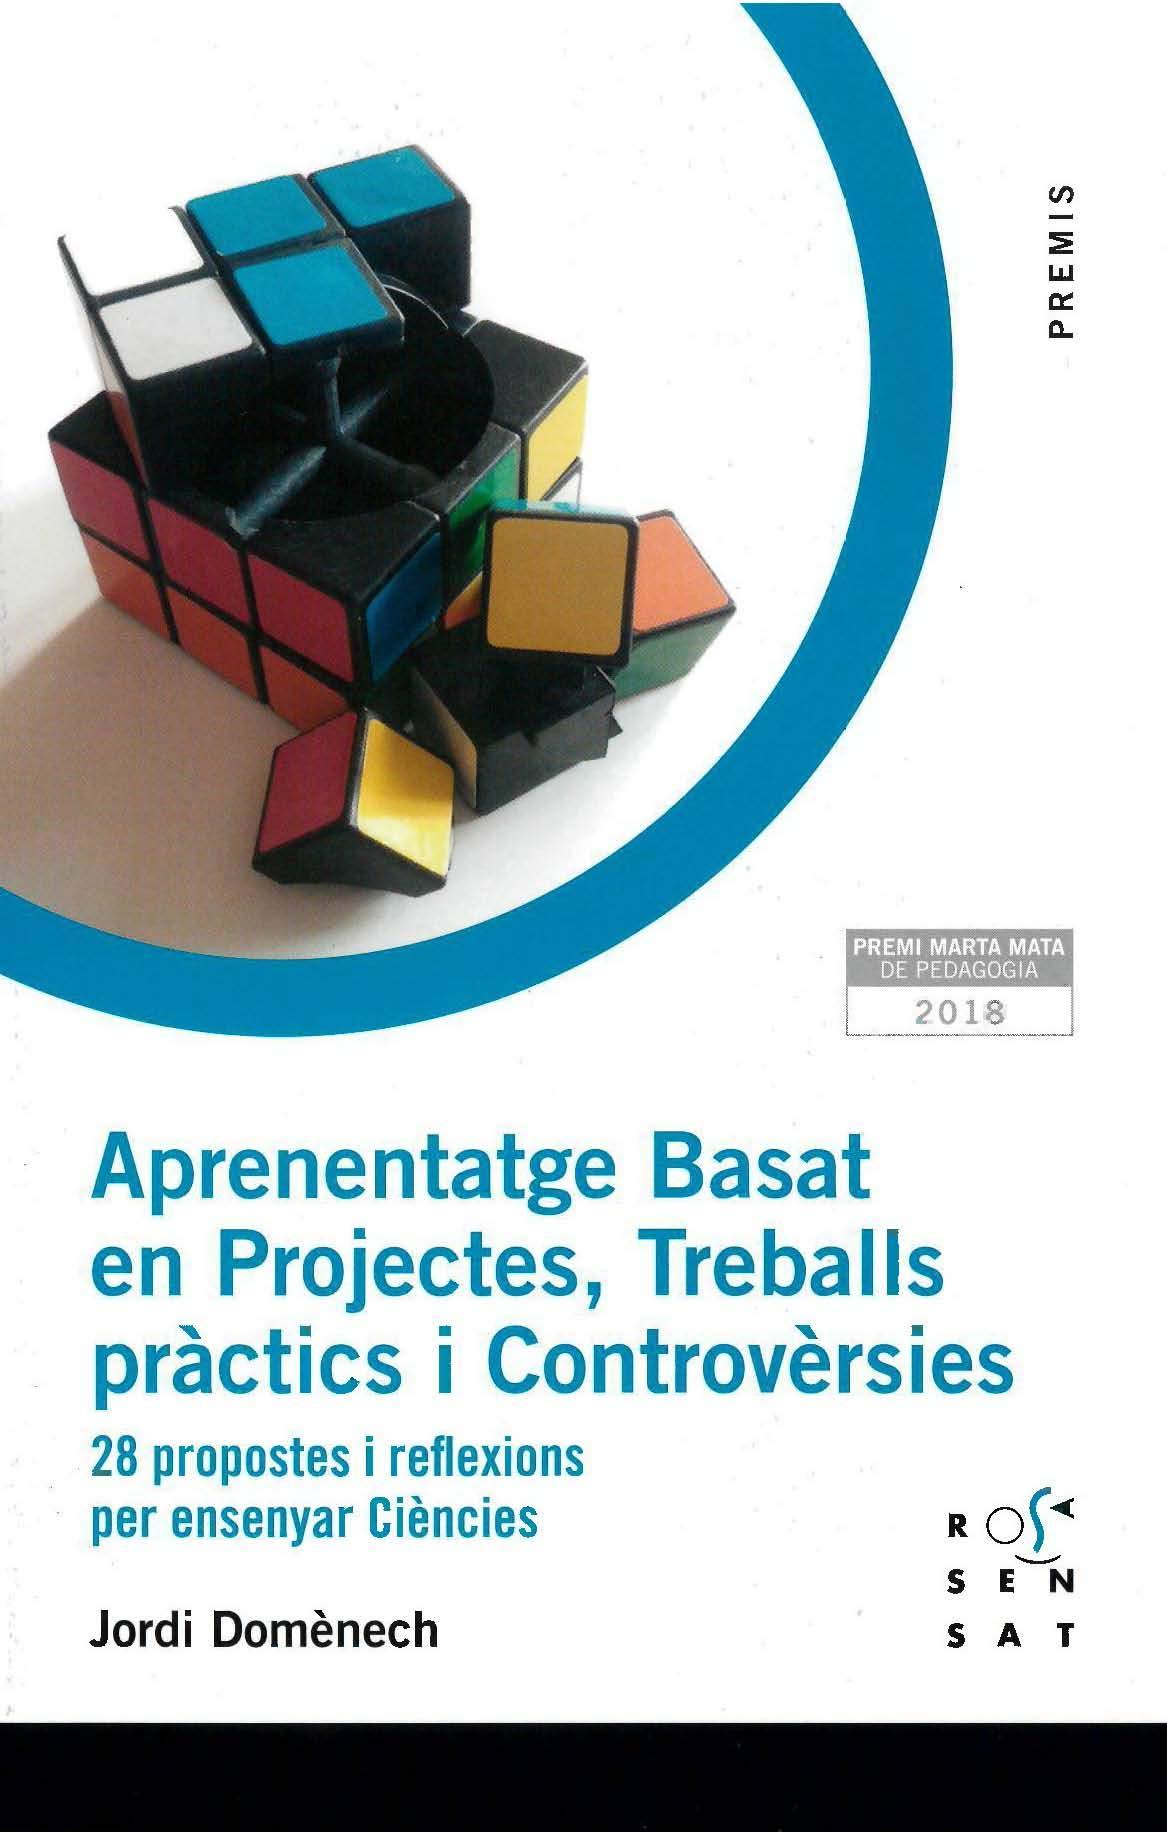 Aprenentatge Basat en Projectes, Treballs pràctics i Controvèrsies. 28 propostes i reflexions per ensenyar Ciències: 14 (Premi, 14)